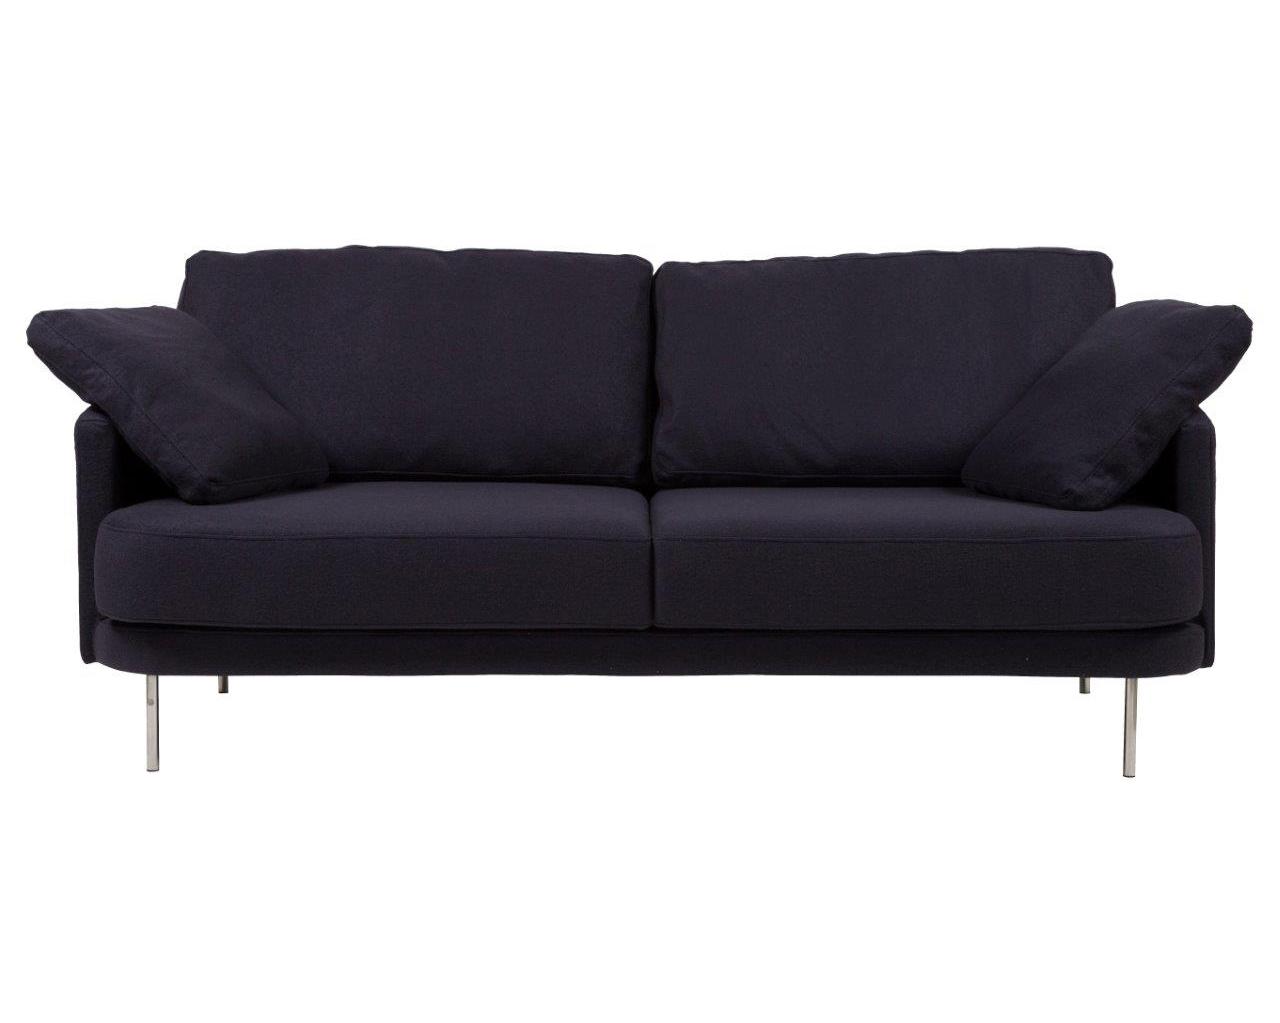 Диван Camber SofaТрехместные диваны<br>Диван Camber Sofa придется по вкусу тем, кто любит принимать гостей. Элегантная модель выполнена в минималистическом стиле, идеальна для лаконичного и в меру строгого интерьера. Прямоугольные формы деревянного каркаса и тонкие ножки из нержавеющей стали создают современный образ. Текстильная обивка из шерсти графитового цвета добавит в пространство тепла и уюта. Такой диван прекрасно впишется как в сдержанный «скандинавский» интерьер, так и уравновесит любые яркие и смелые решения.<br><br>Material: Текстиль<br>Width см: 206<br>Depth см: 93<br>Height см: 81